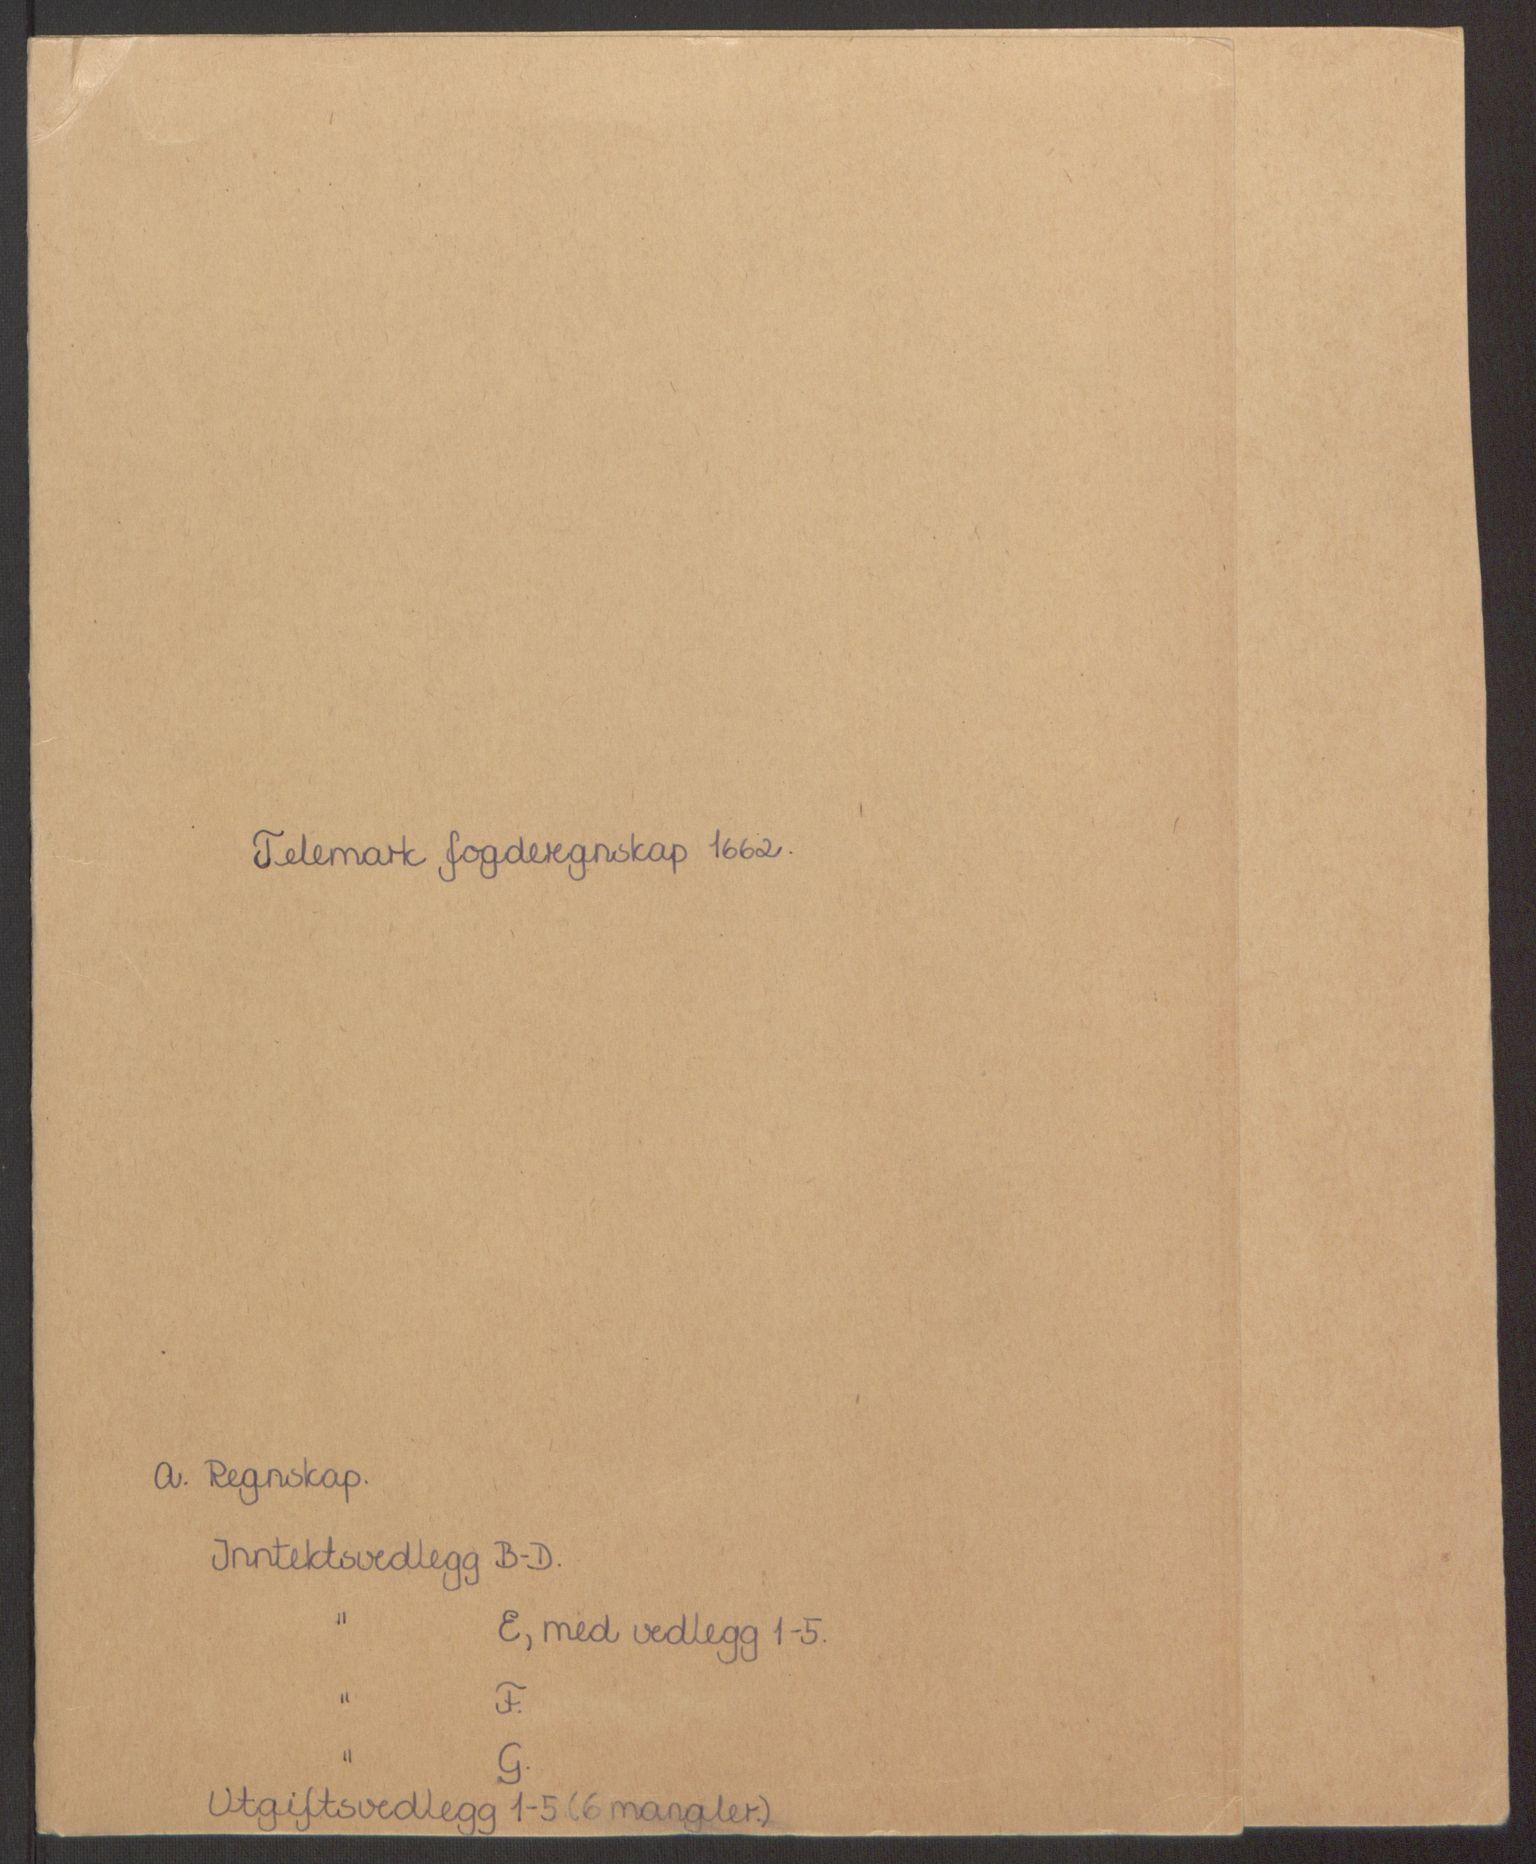 RA, Rentekammeret inntil 1814, Reviderte regnskaper, Fogderegnskap, R35/L2054: Fogderegnskap Øvre og Nedre Telemark, 1662-1663, s. 2